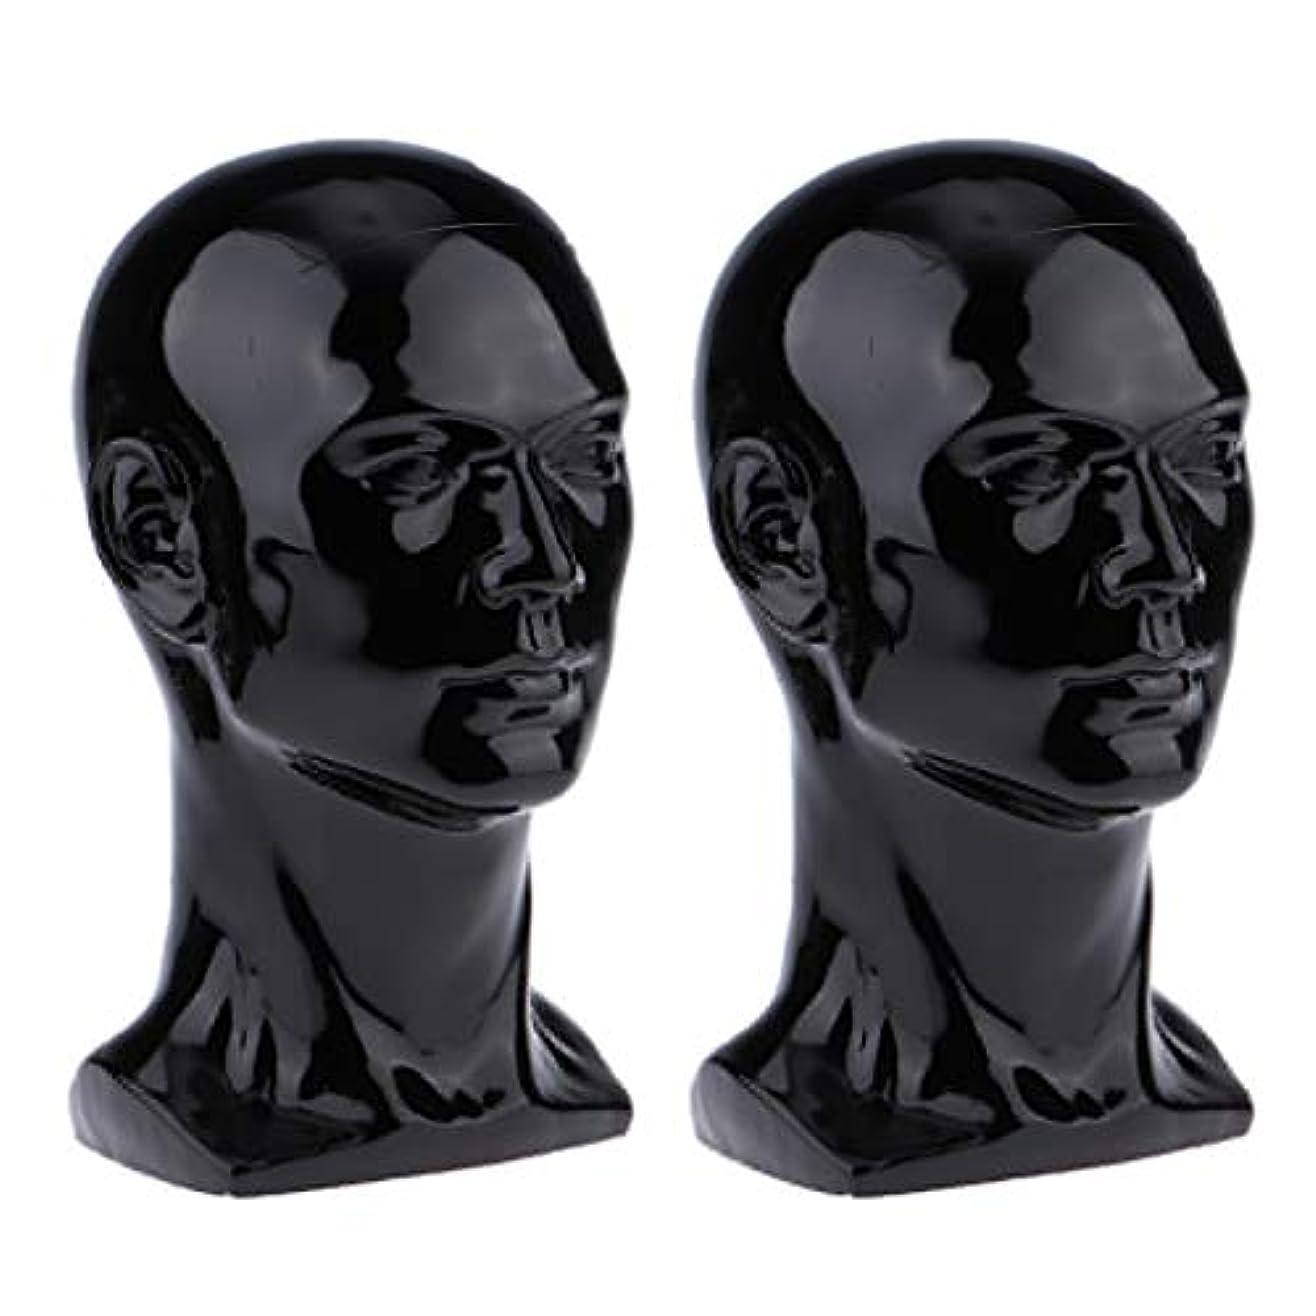 親密な悪魔ライムT TOOYFUL マネキンヘッド ウィッグスタンド練習 頭部 女性ウィッグマネキン ディスプレイ 帽子スタンド 2個入り